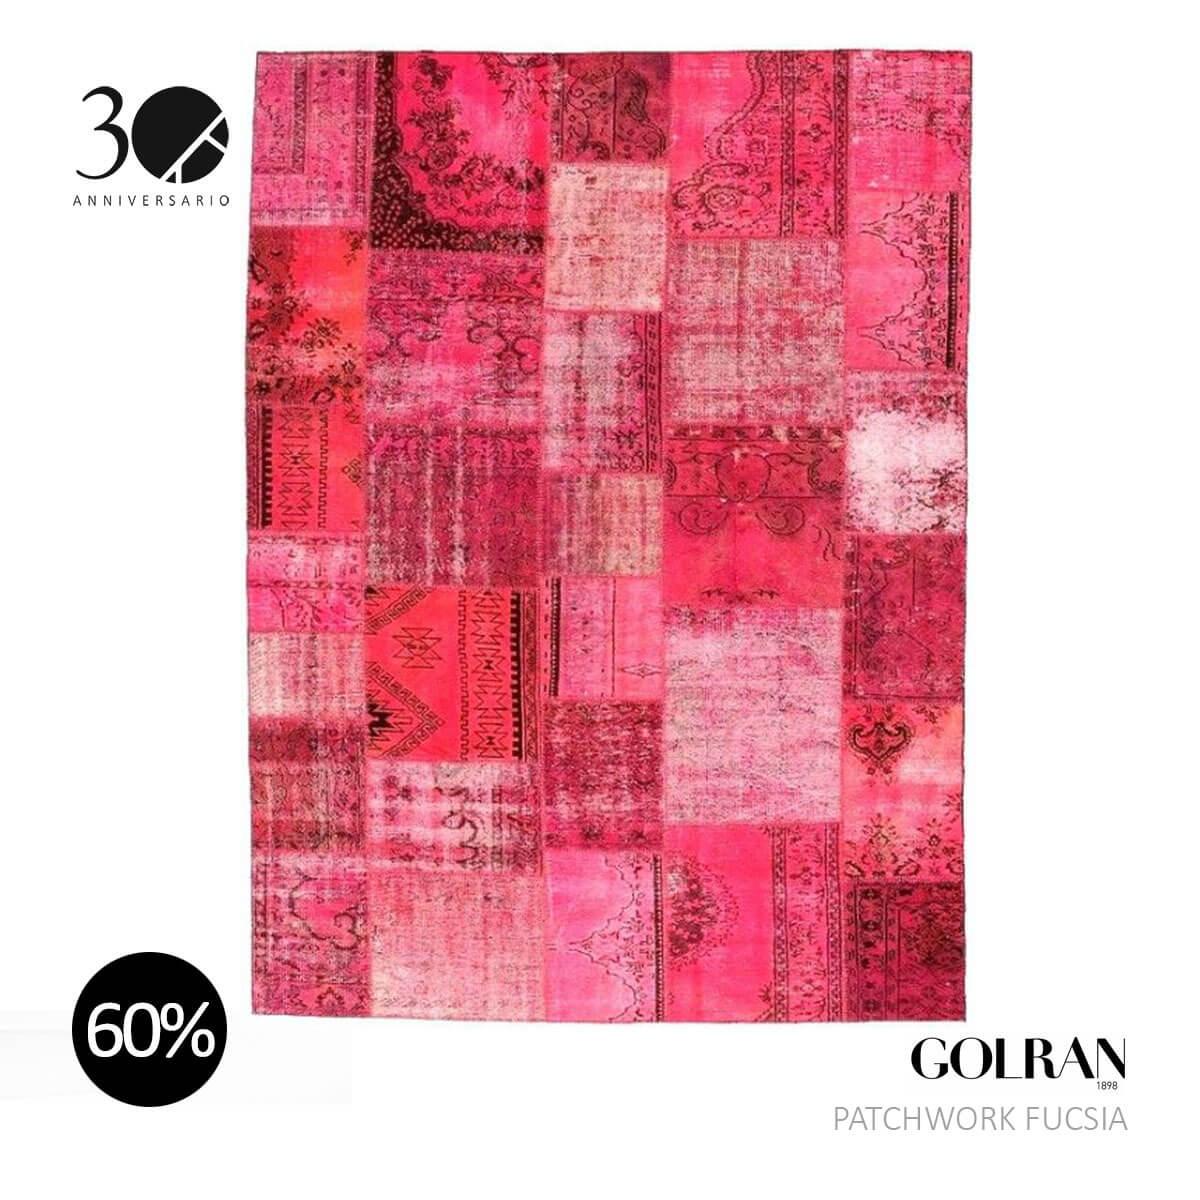 GOLRAN-PATCHWORK-FUCSIA